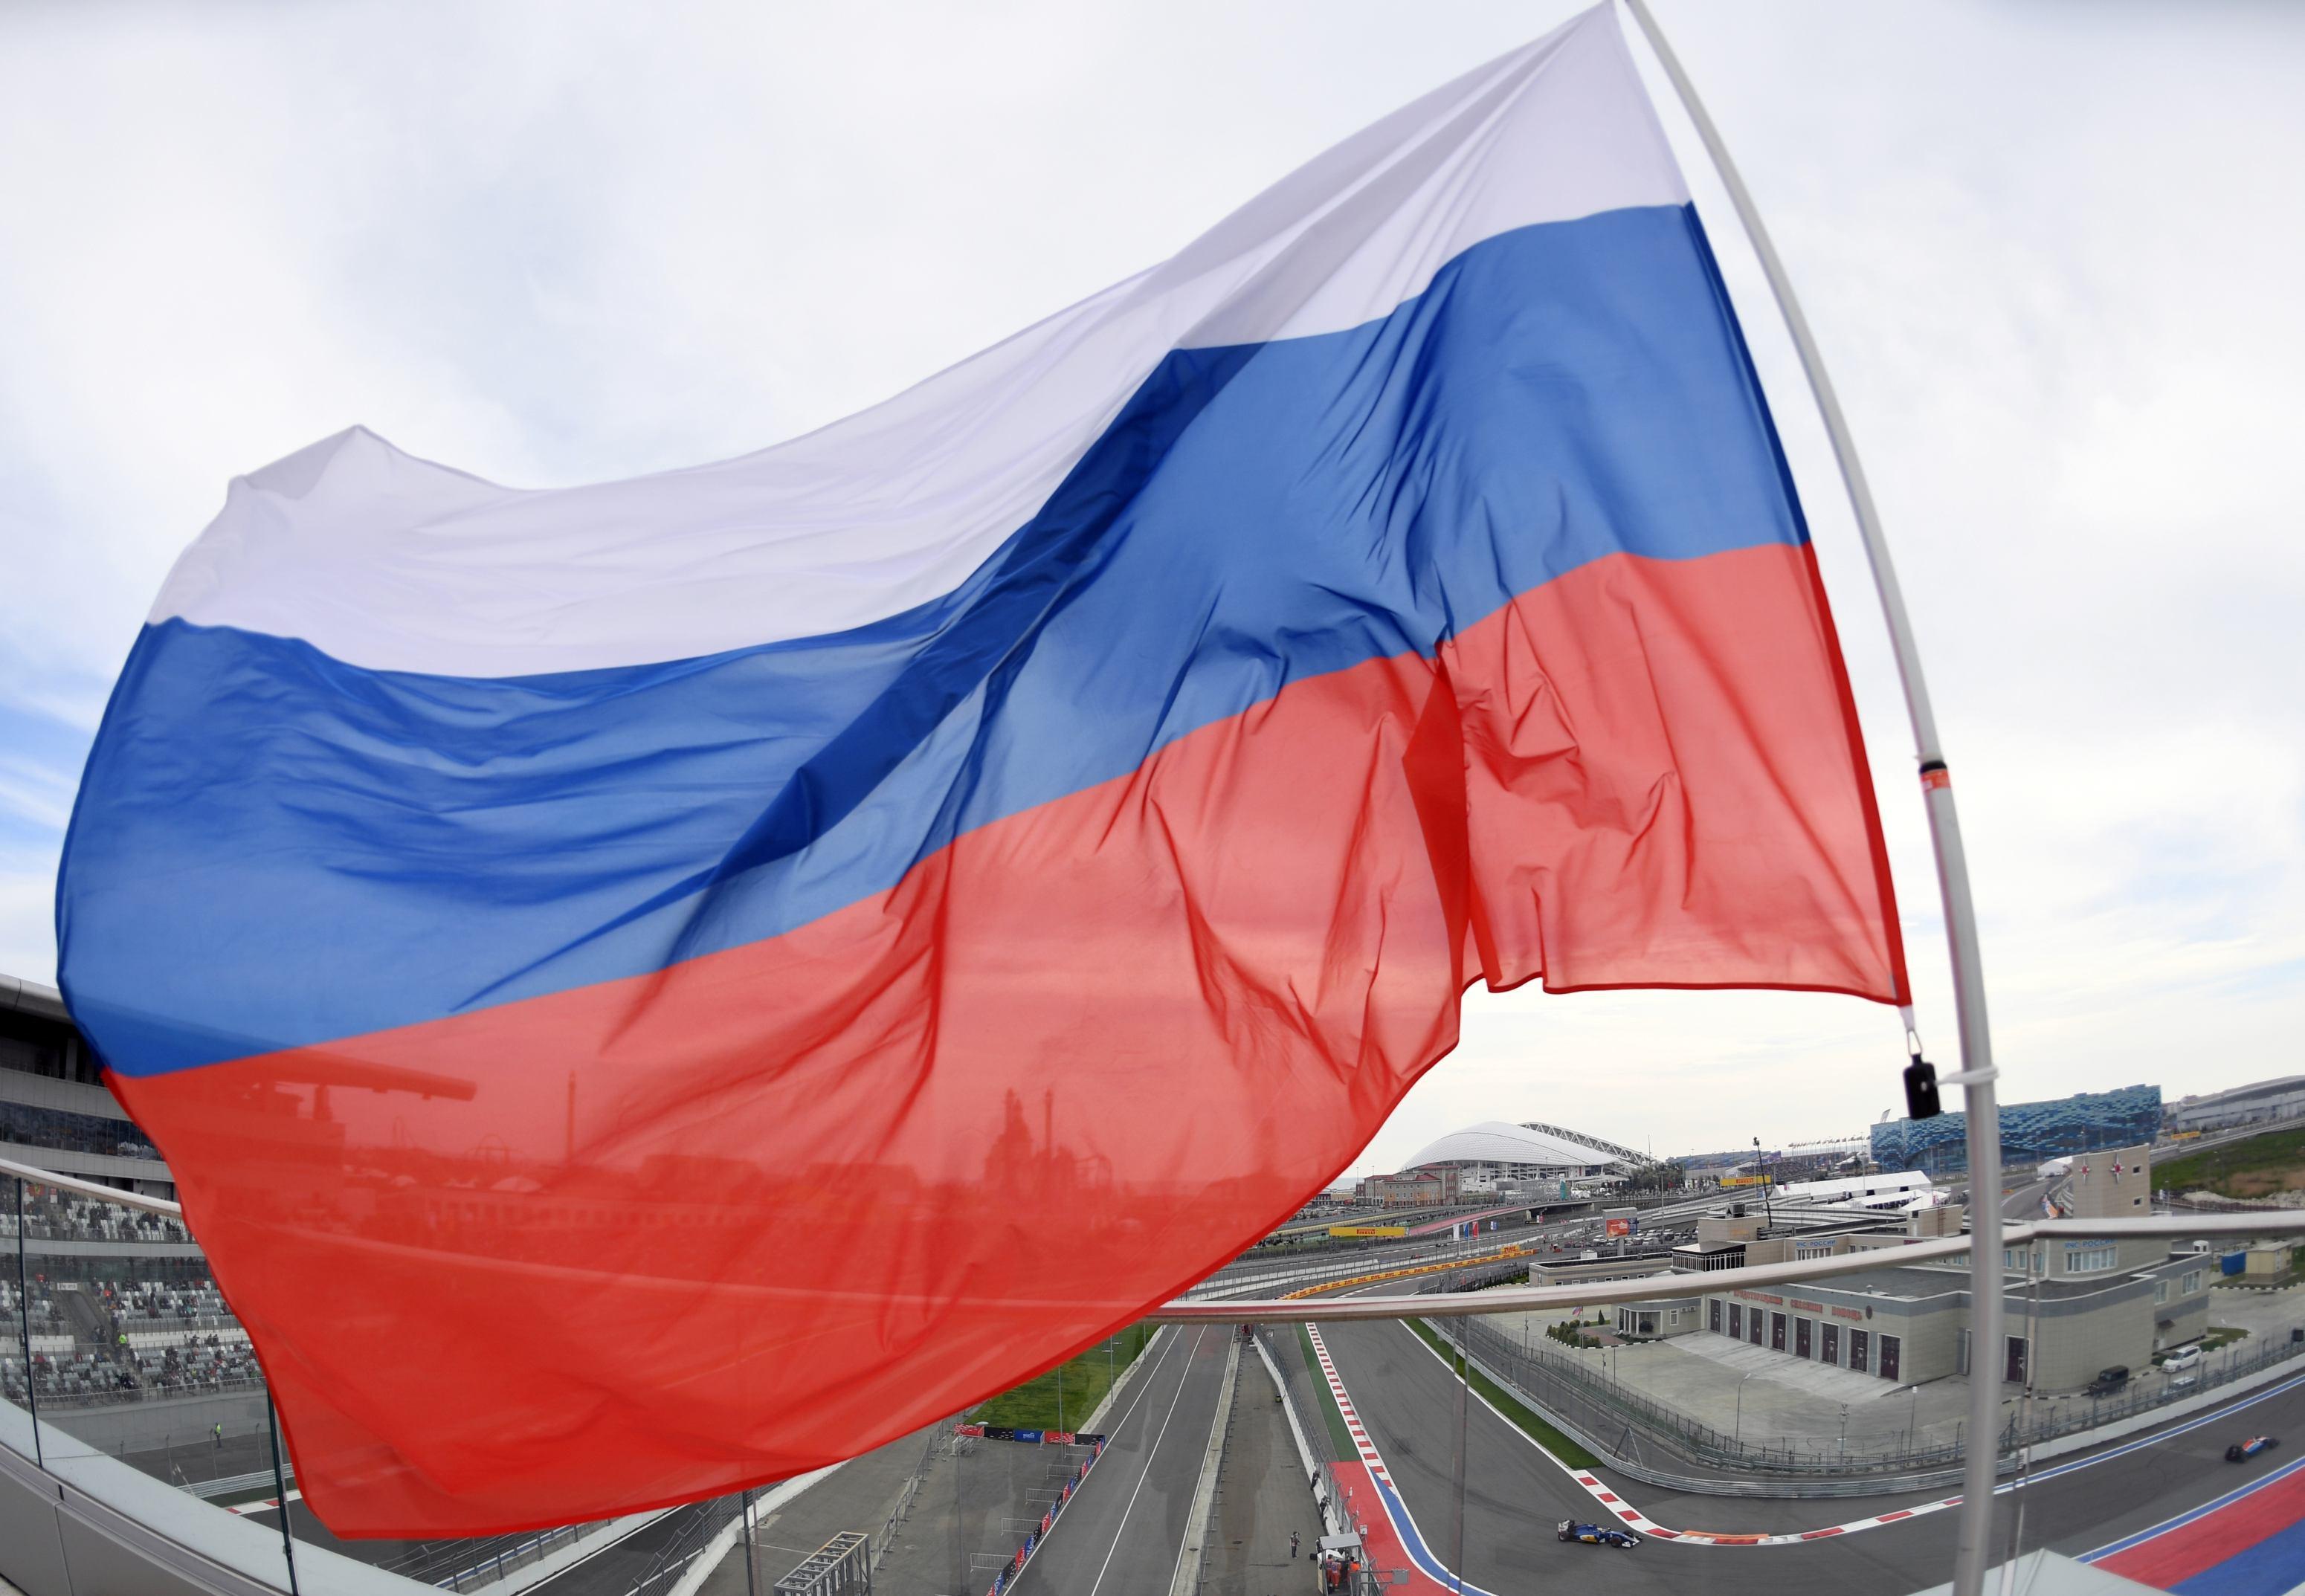 Ministrul de Externe din Qatar a mulţumit Rusiei pentru asistenţa oferită în conflictul diplomatic